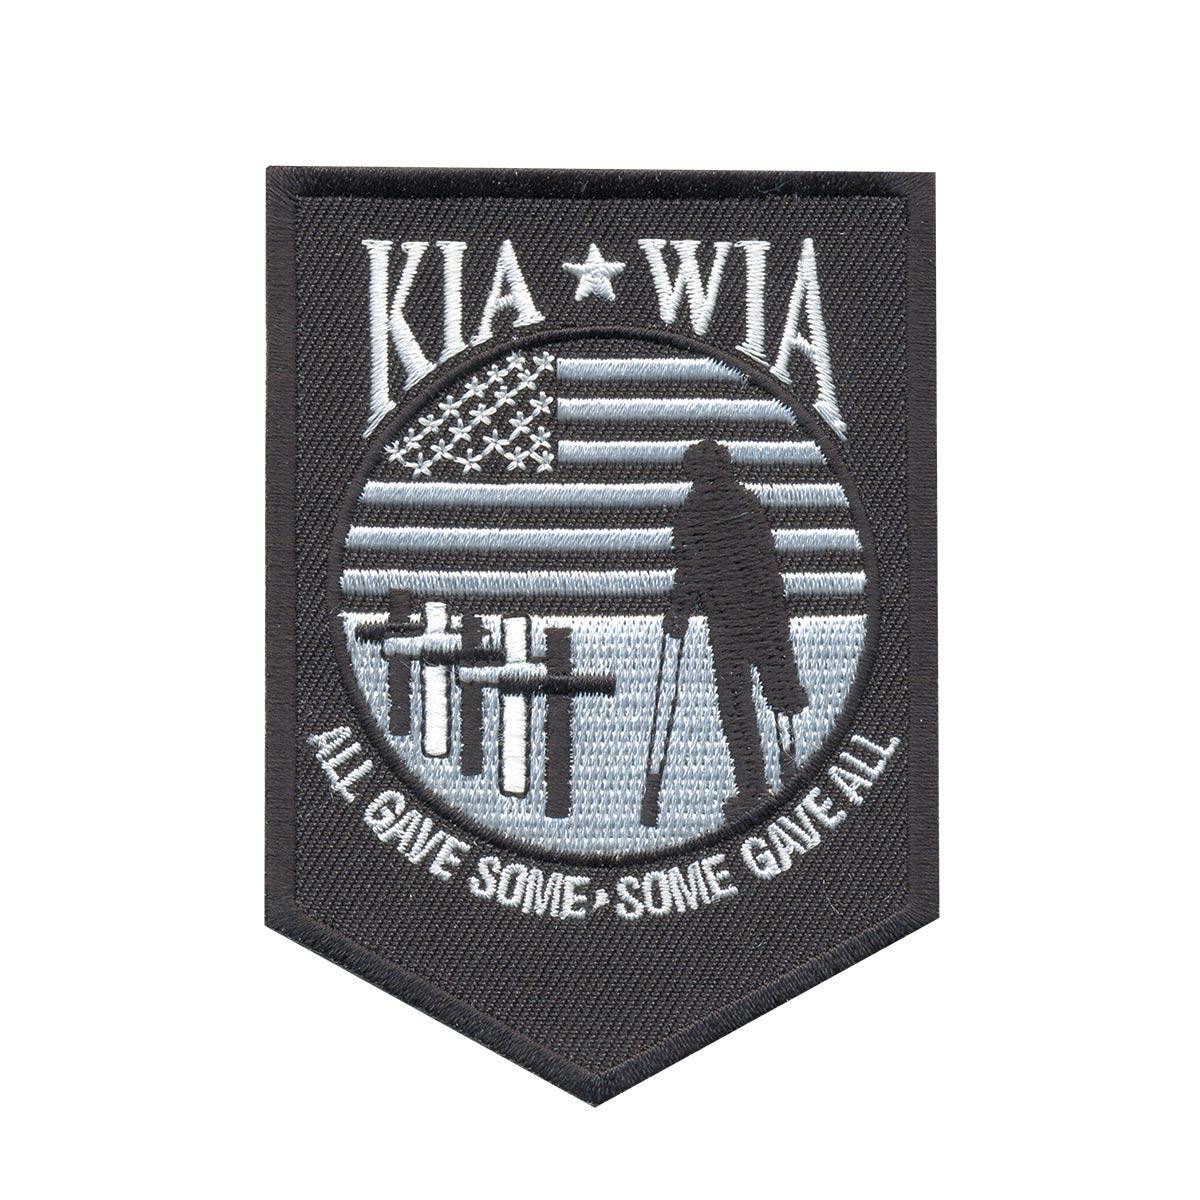 AD1013 Термоаппликация Kia*Wia, 9*6 см, Hobby&Pro